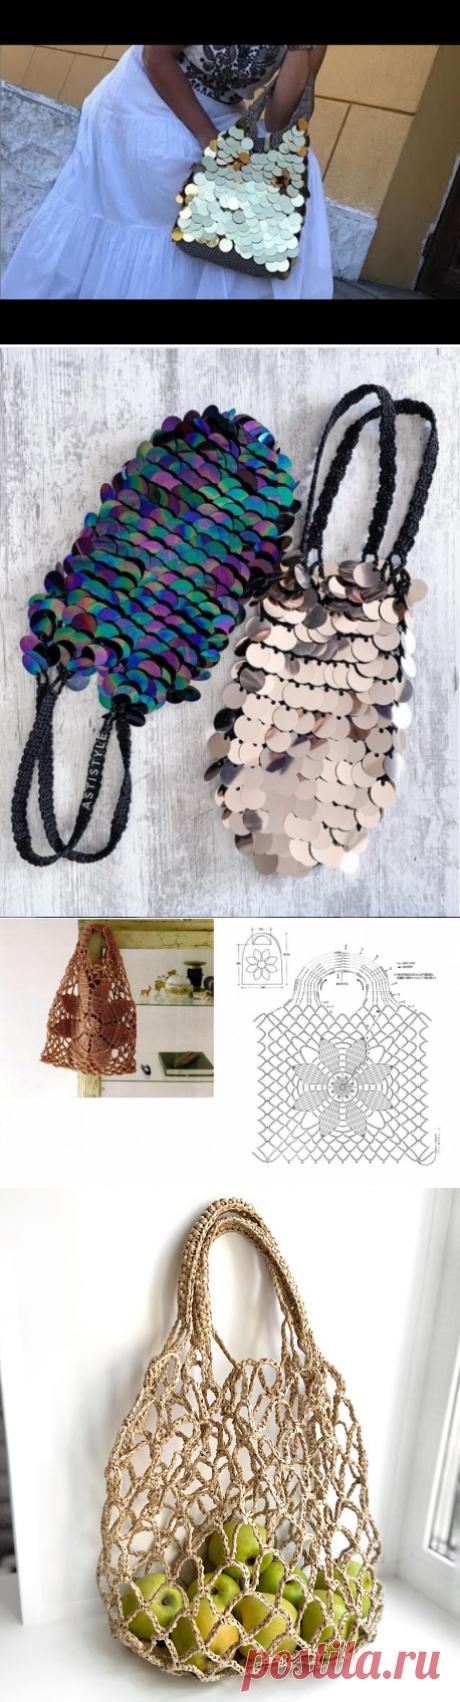 Простые и необычные авоськи крючком - идеи для вязания и вдохновения